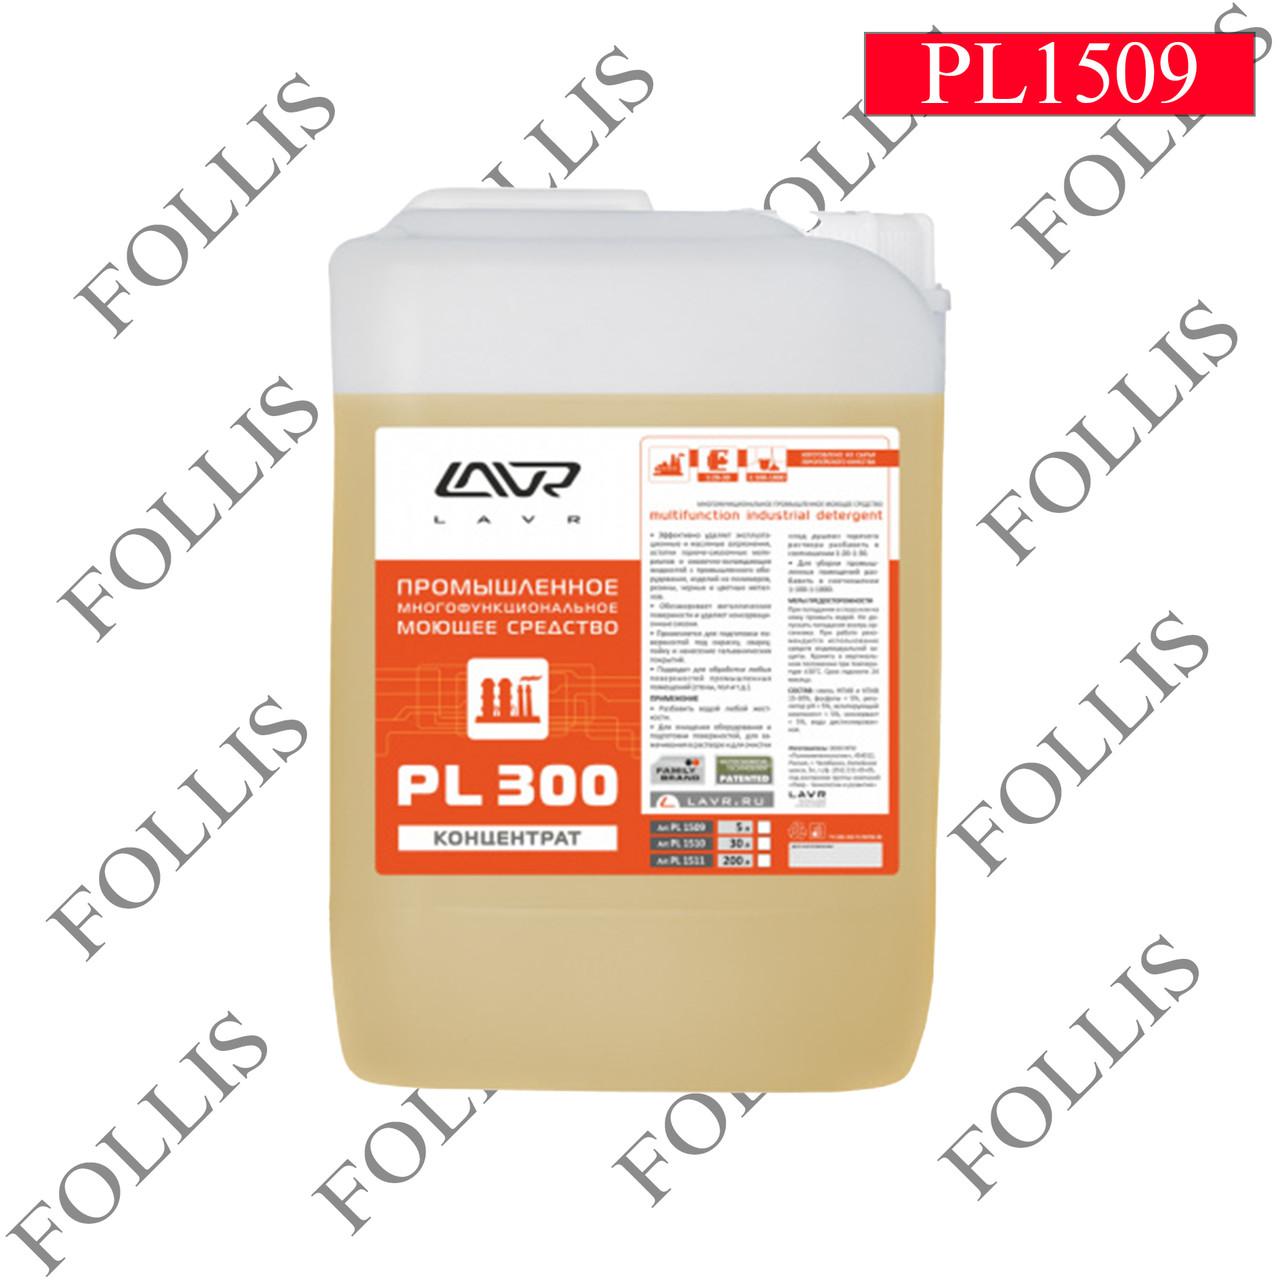 Многофункциональное промышленное моющее средство LAVR PL-300 5л